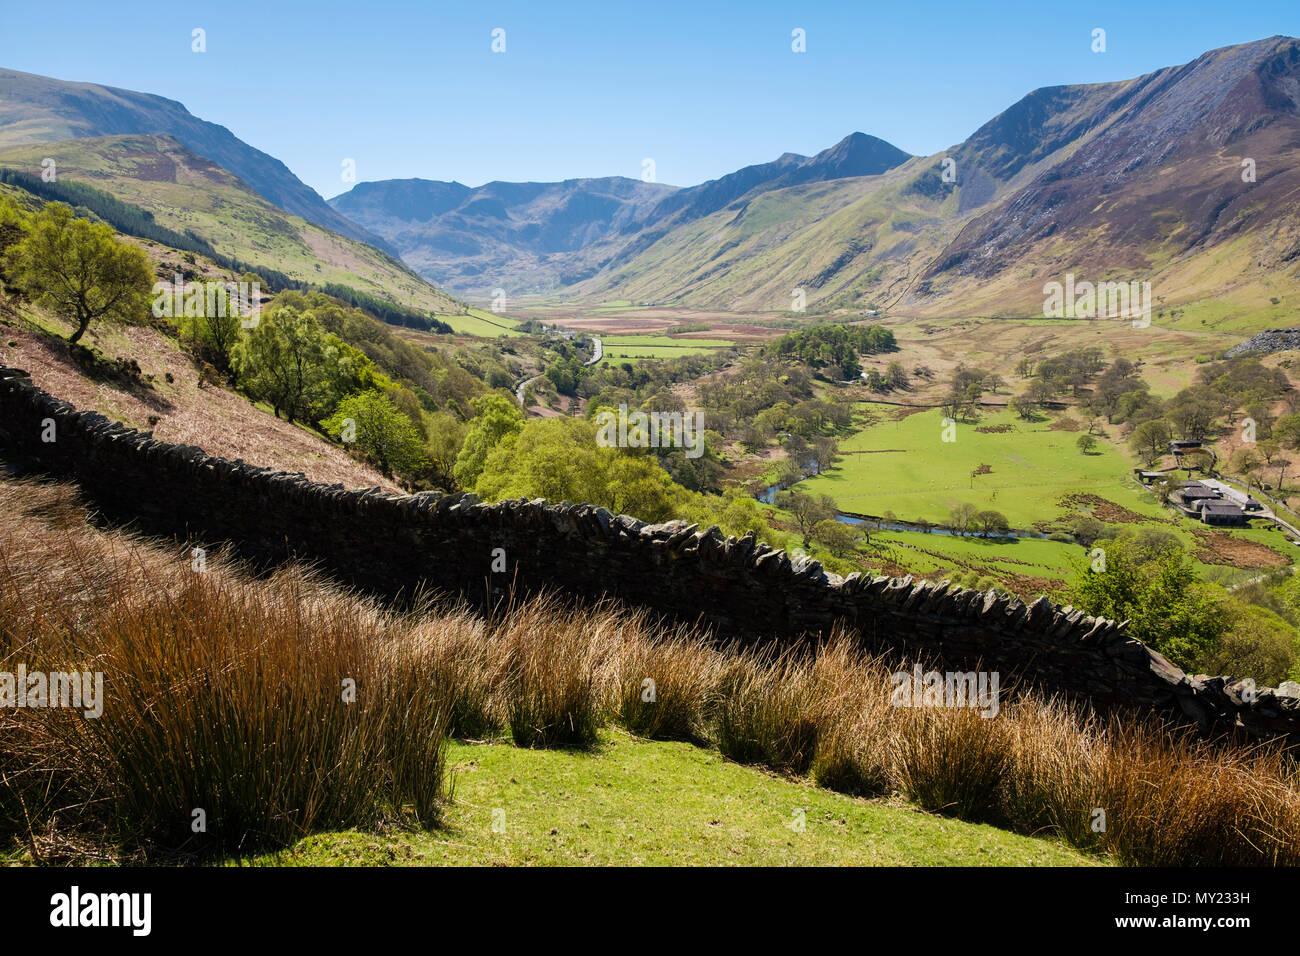 Blick Nant Ffrancon Tal in die Berge von Snowdonia National Park im Sommer. Bethesda, Gwynedd, Wales, Großbritannien, Großbritannien Stockbild